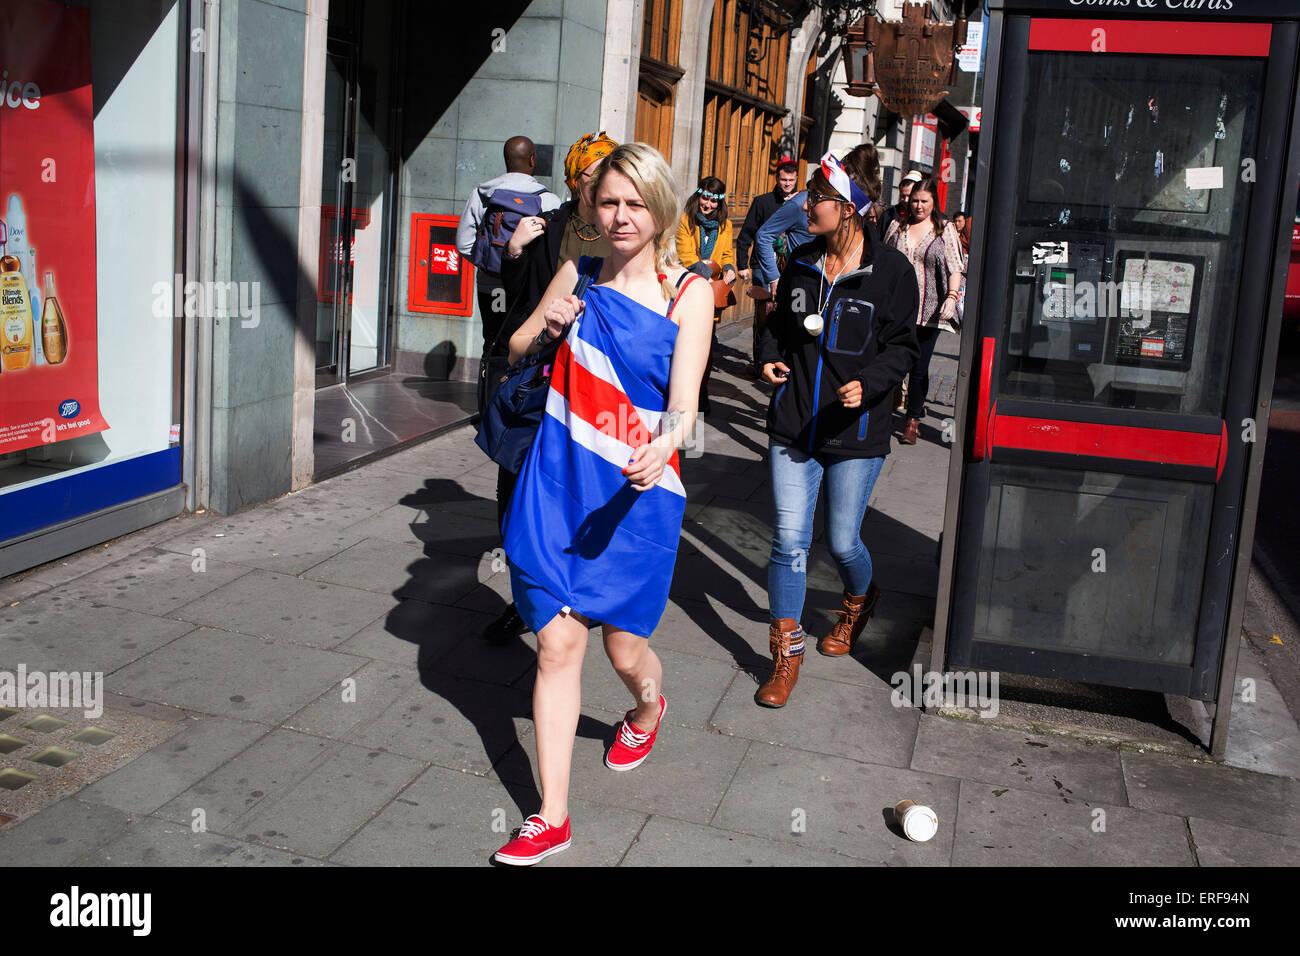 Frau auf ihrem Junggesellinnenabschied tragen ein Union Jack-Flagge ...